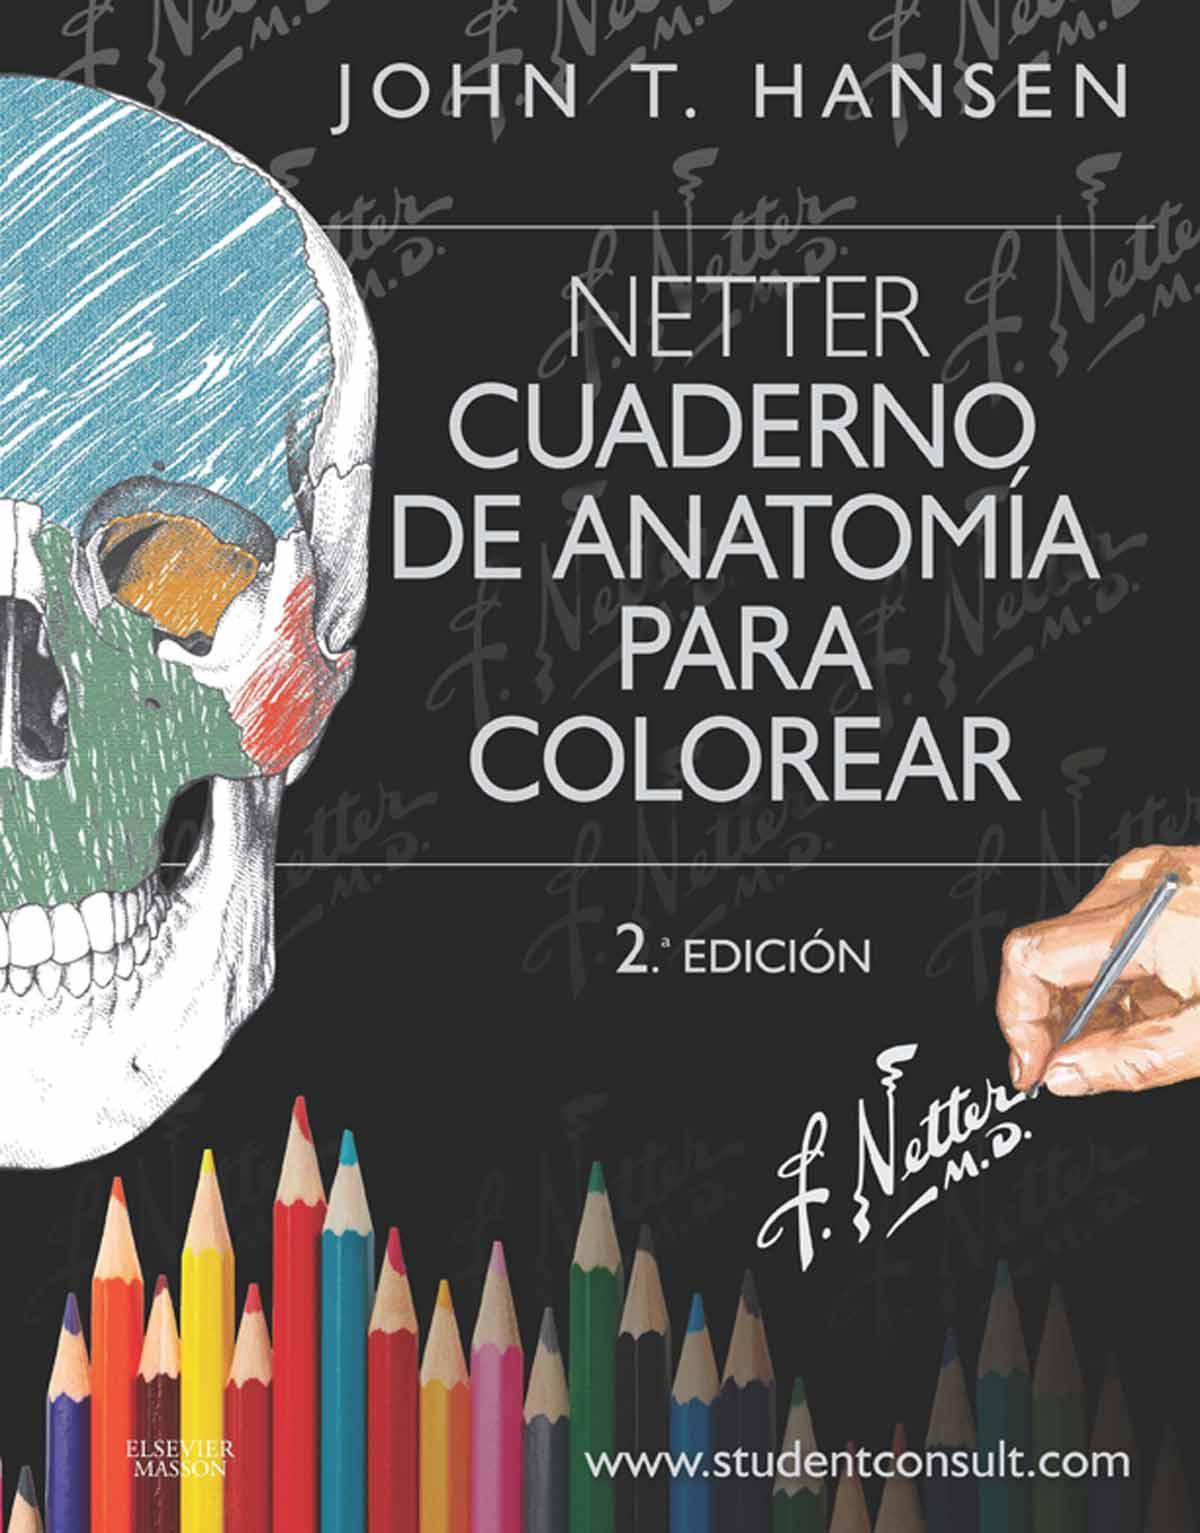 Netter, cuaderno de Anatomía para colorear